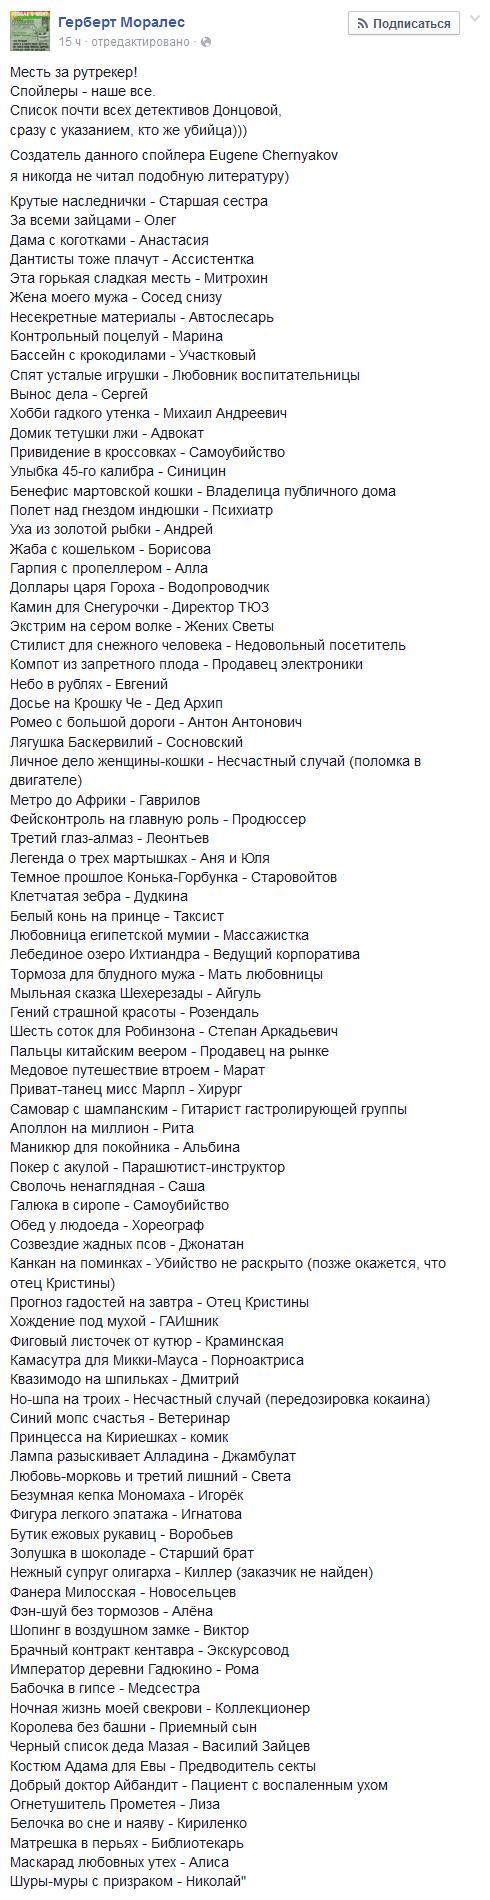 Месть» Дарье Донцовой за блокировку RuTracker'a (2 фото)